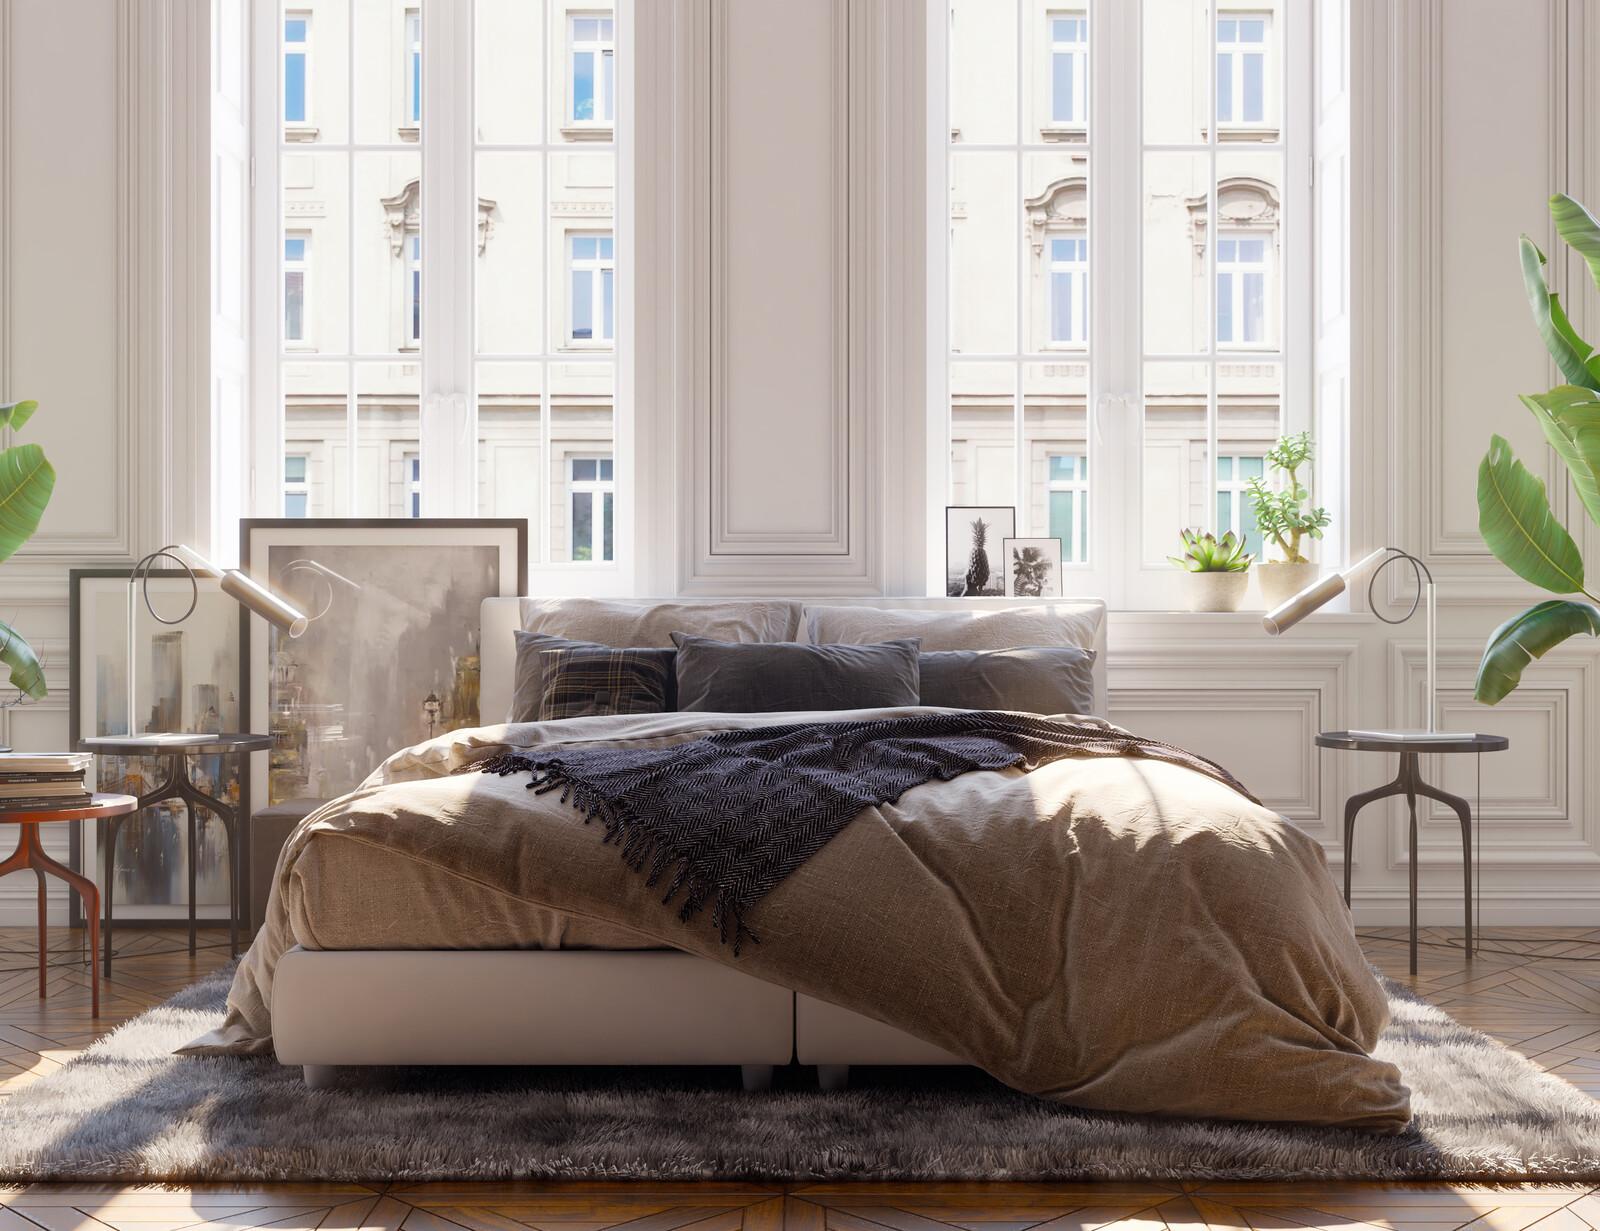 Loft Bedroom, Light Study